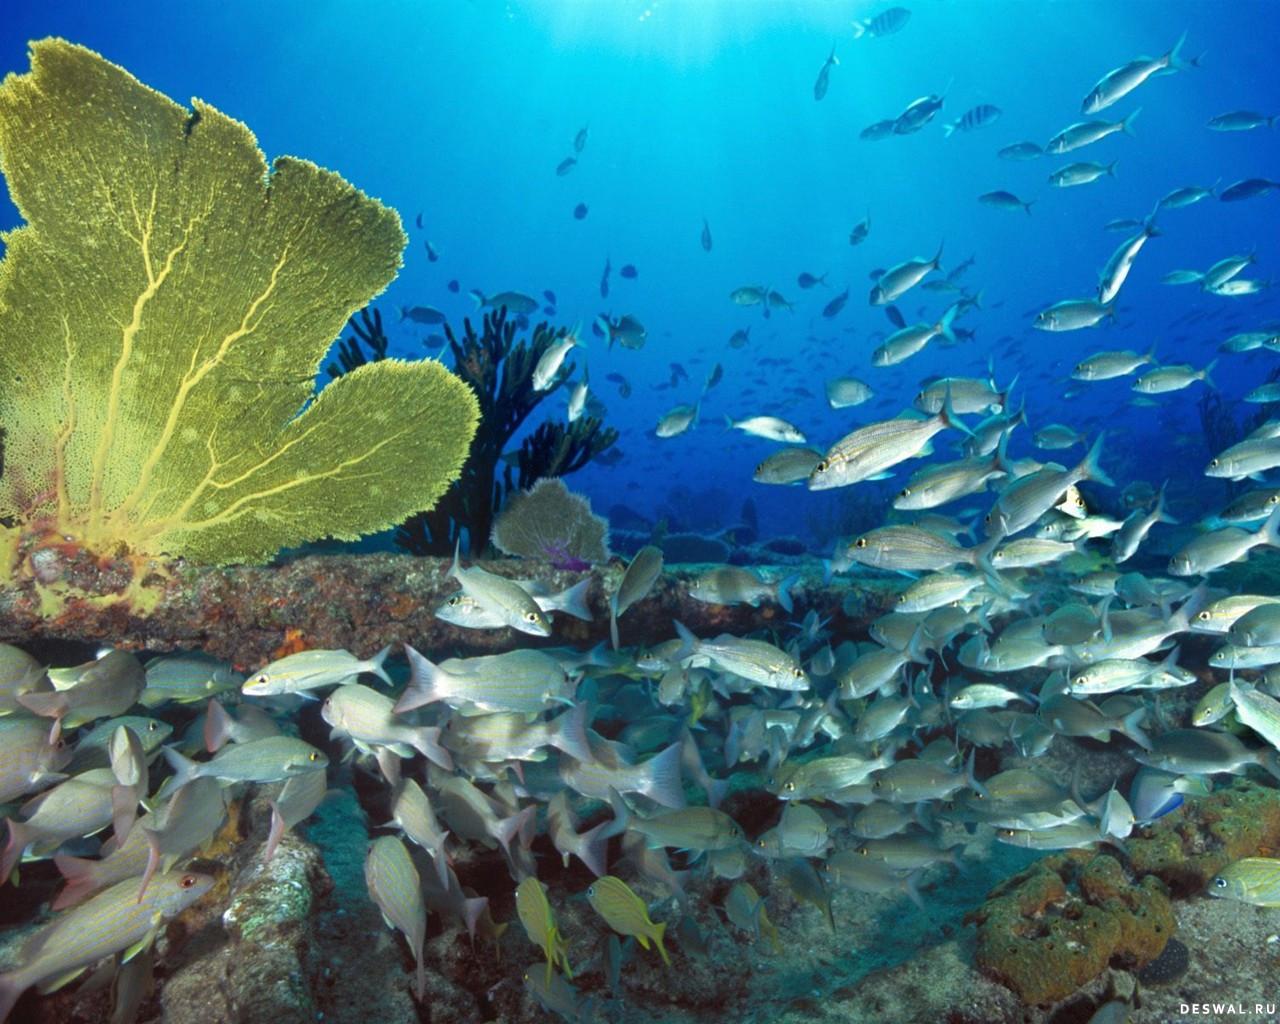 Фото 29. Нажмите на картинку с обоями подводного мира, чтобы просмотреть ее в реальном размере